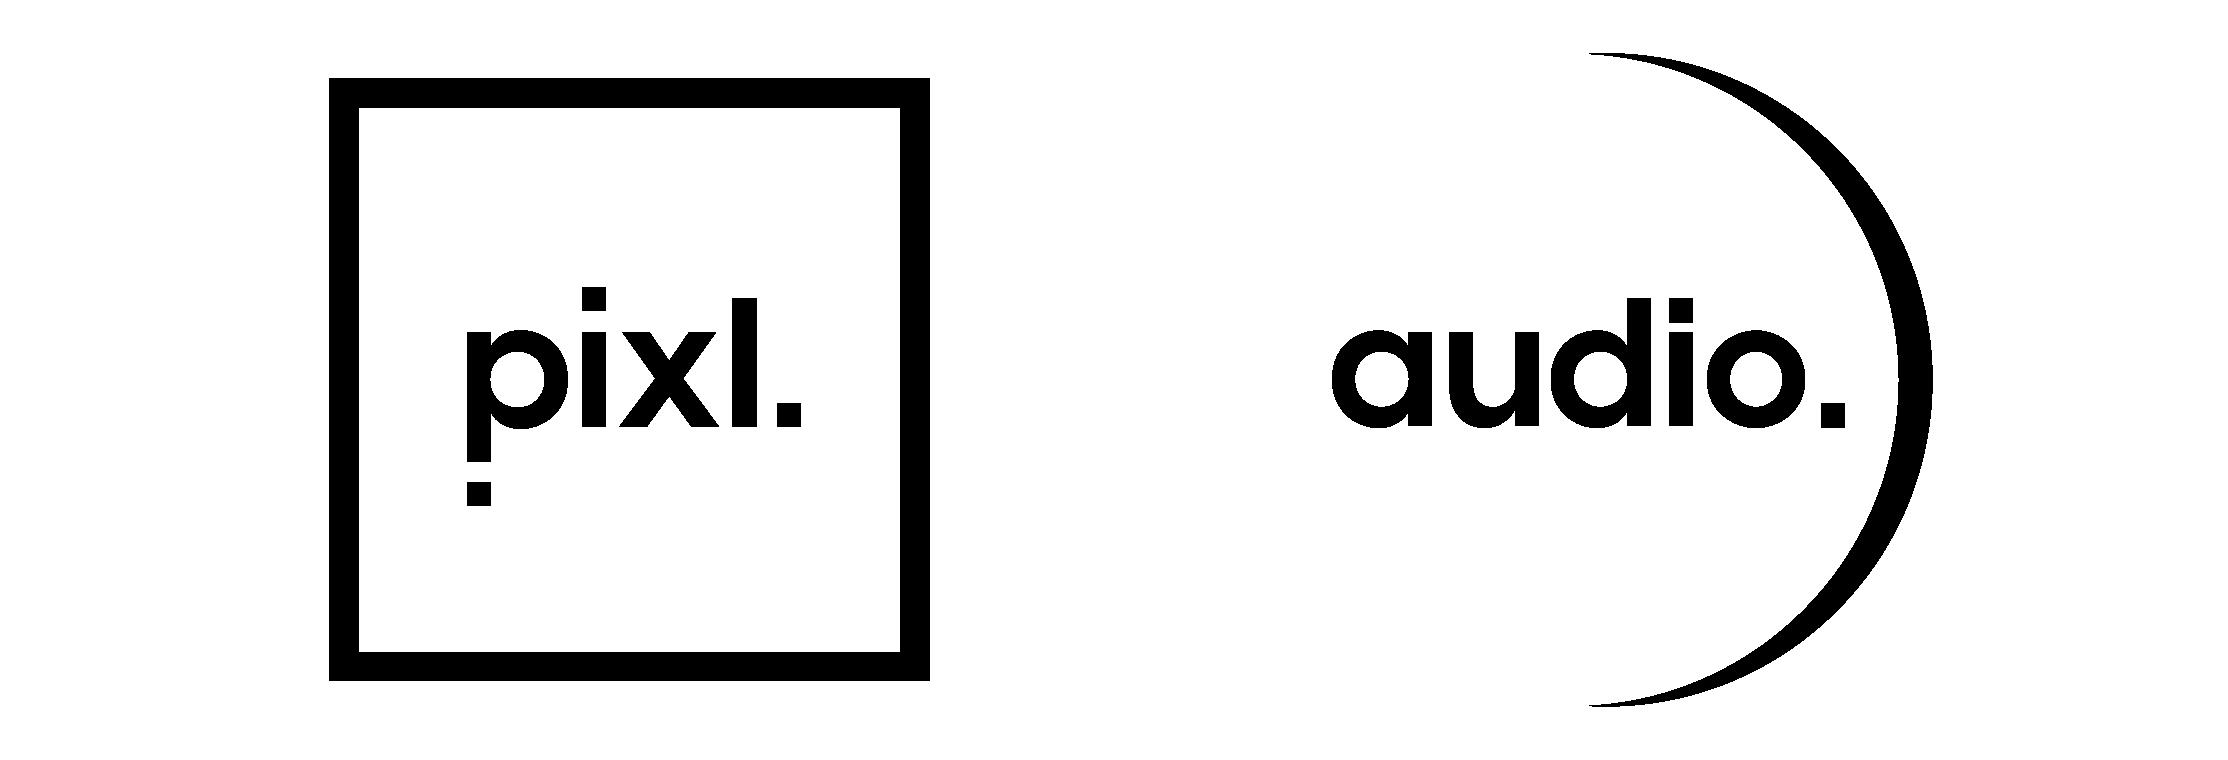 logos-01-01-01-01.png